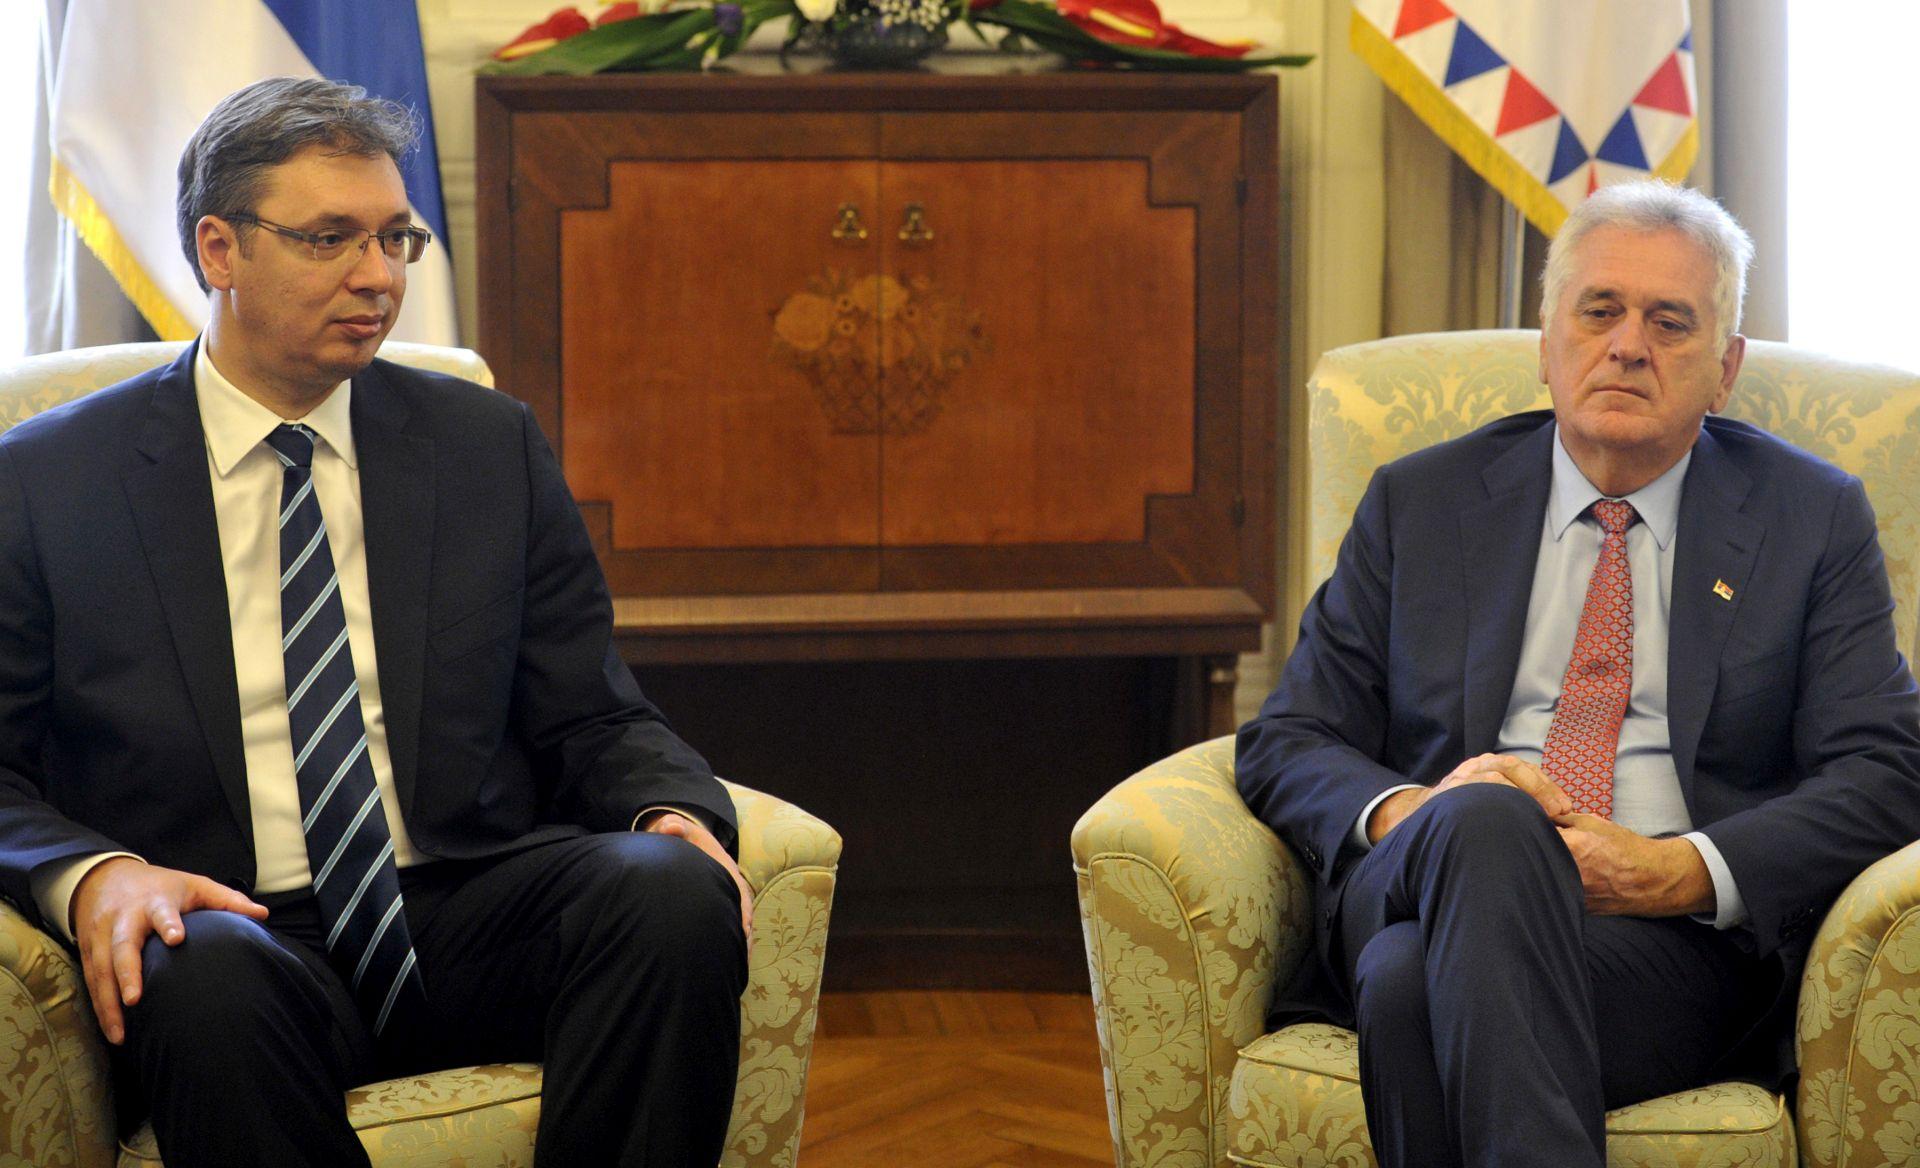 ZAVRŠEN SUKOB S VUČIĆEM: Nikolić odustao od kandidature za predsjednika Srbije